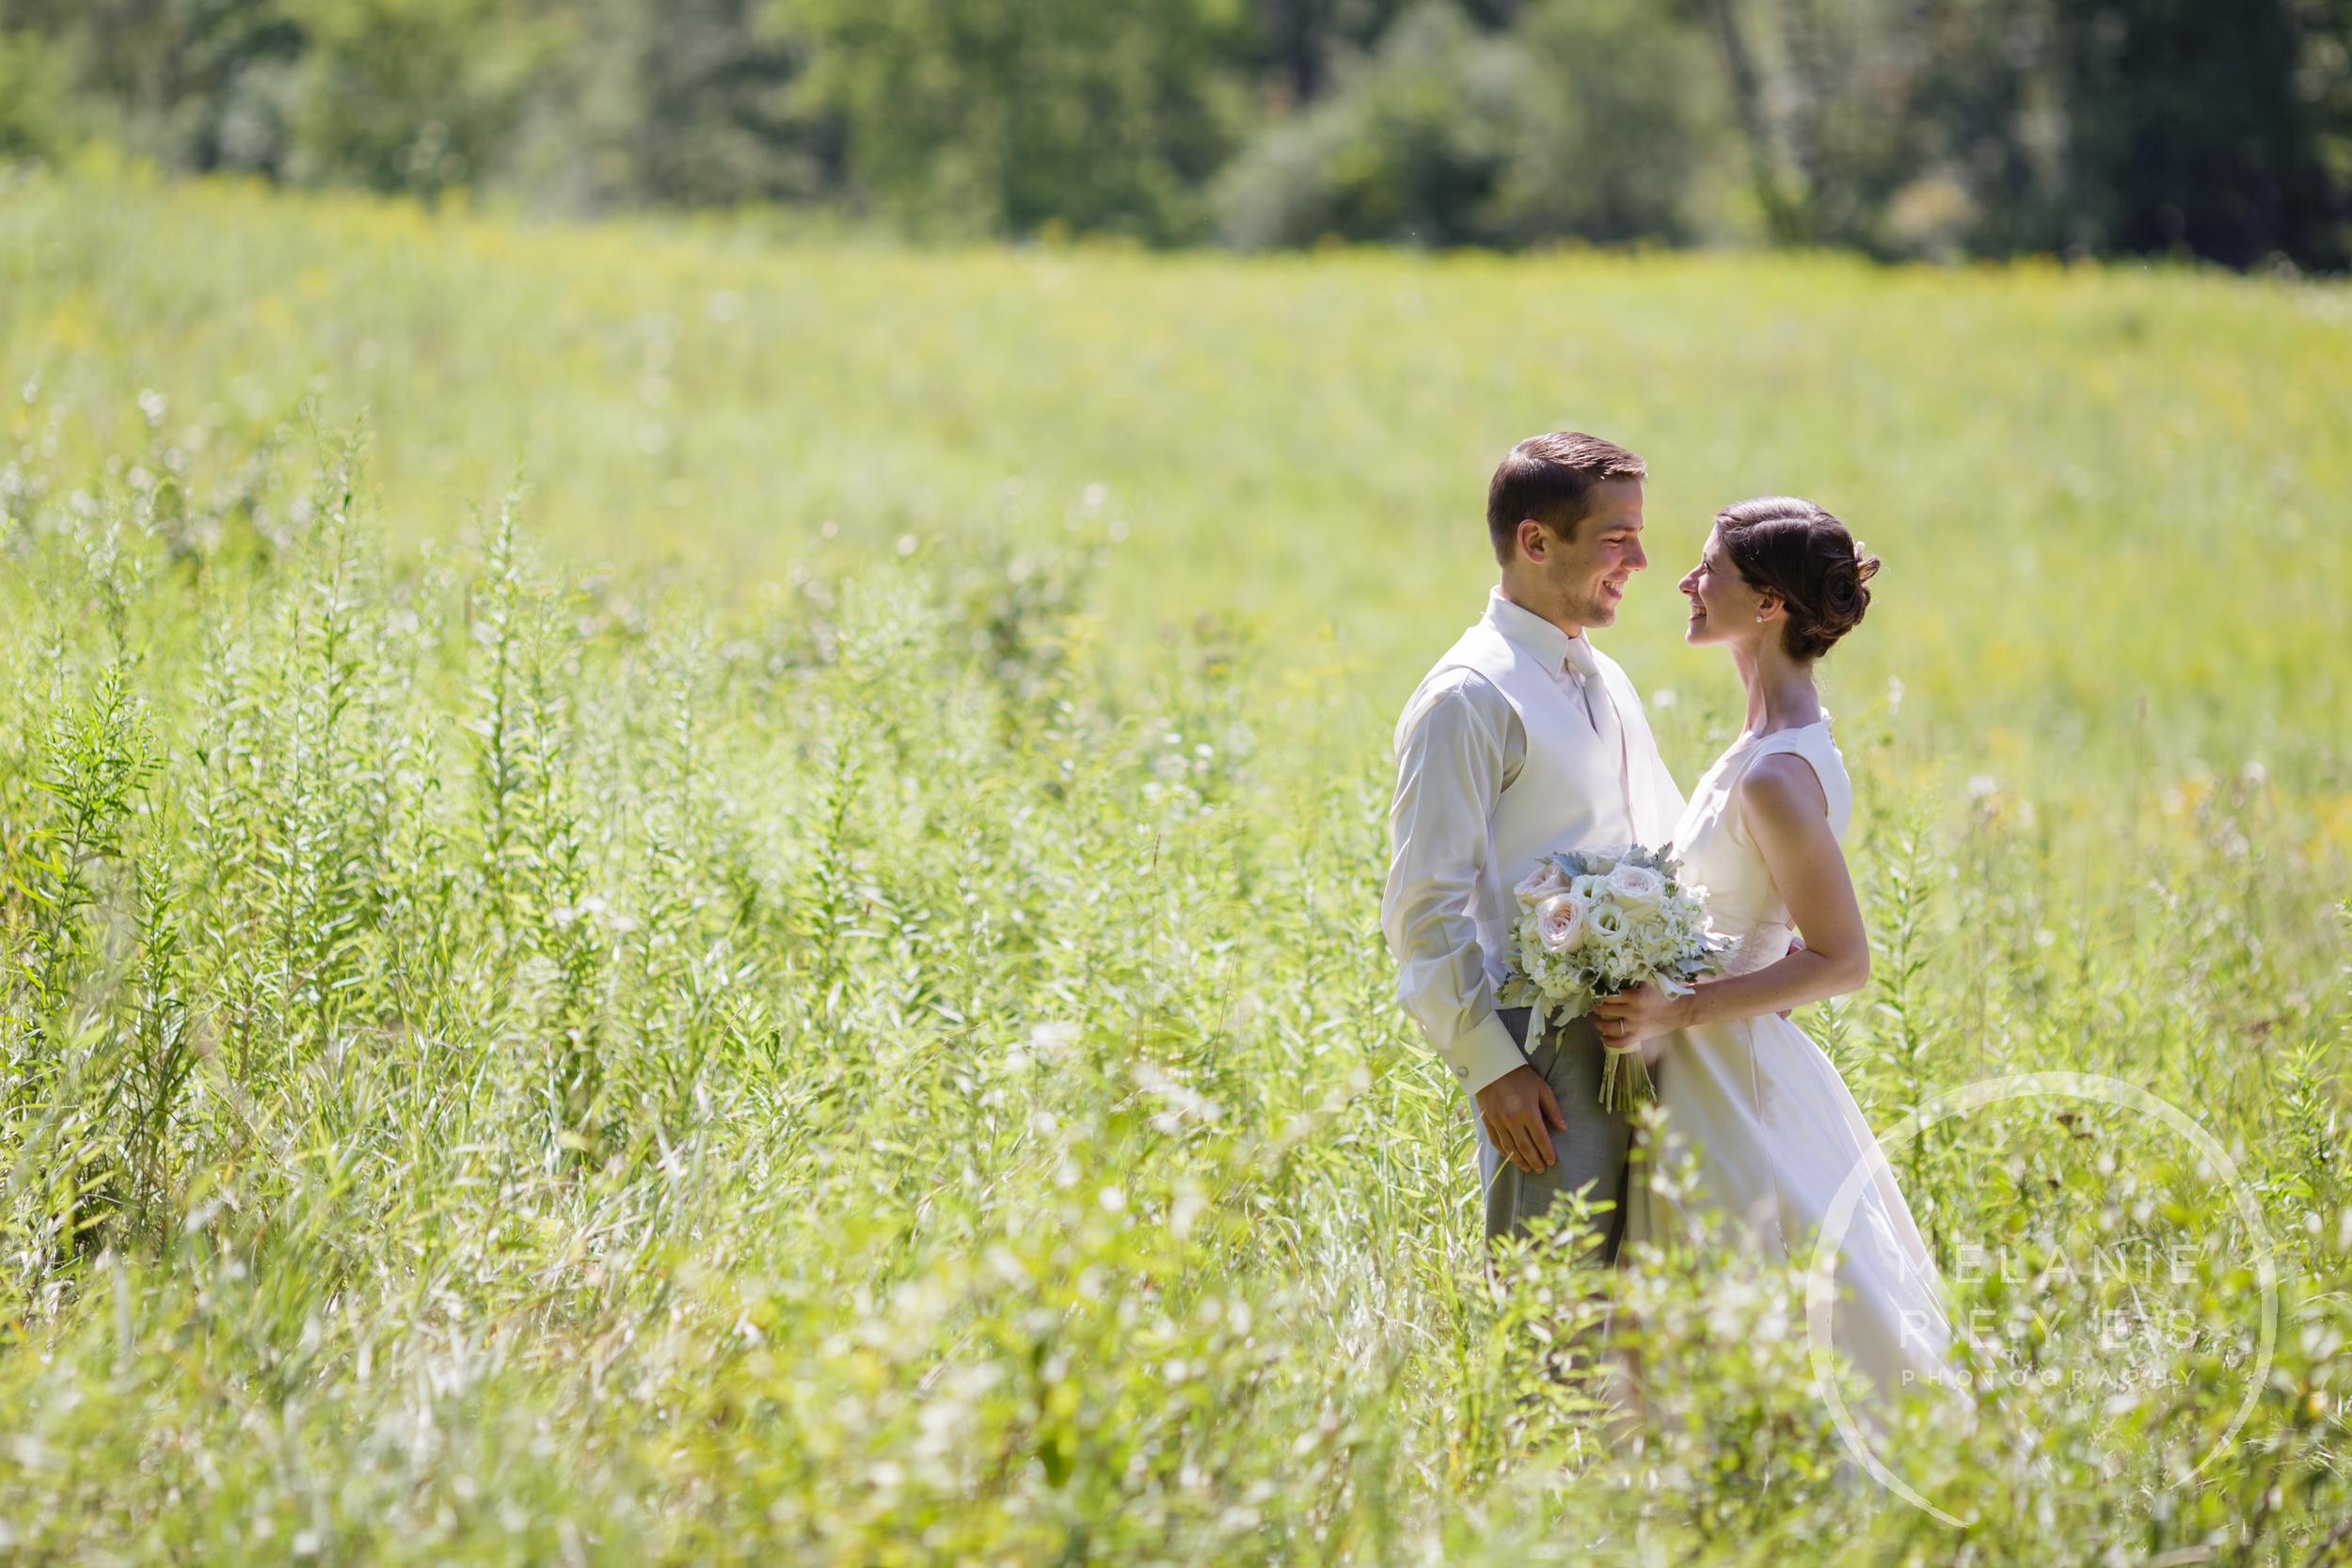 019_farm_wedding_melanie_reyes.JPG